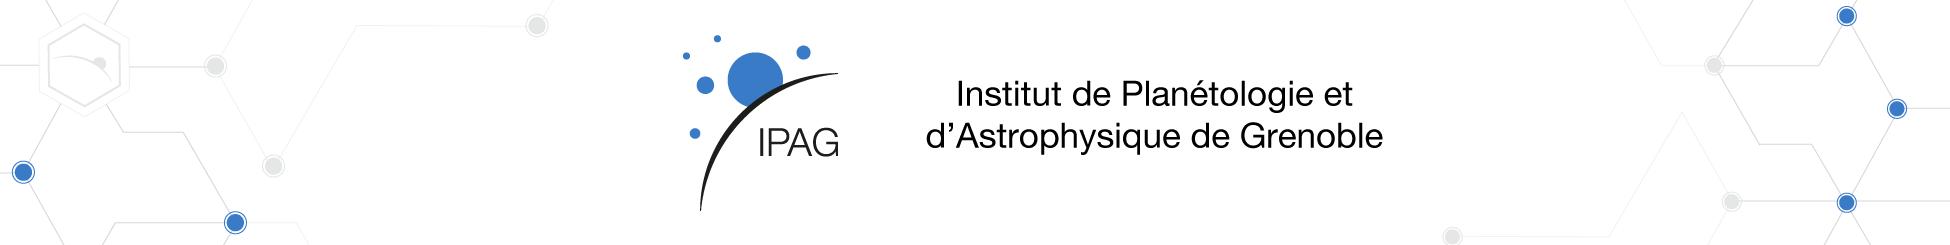 Institut De Planétologie D'astrophysique Grenoble Et shdtQr